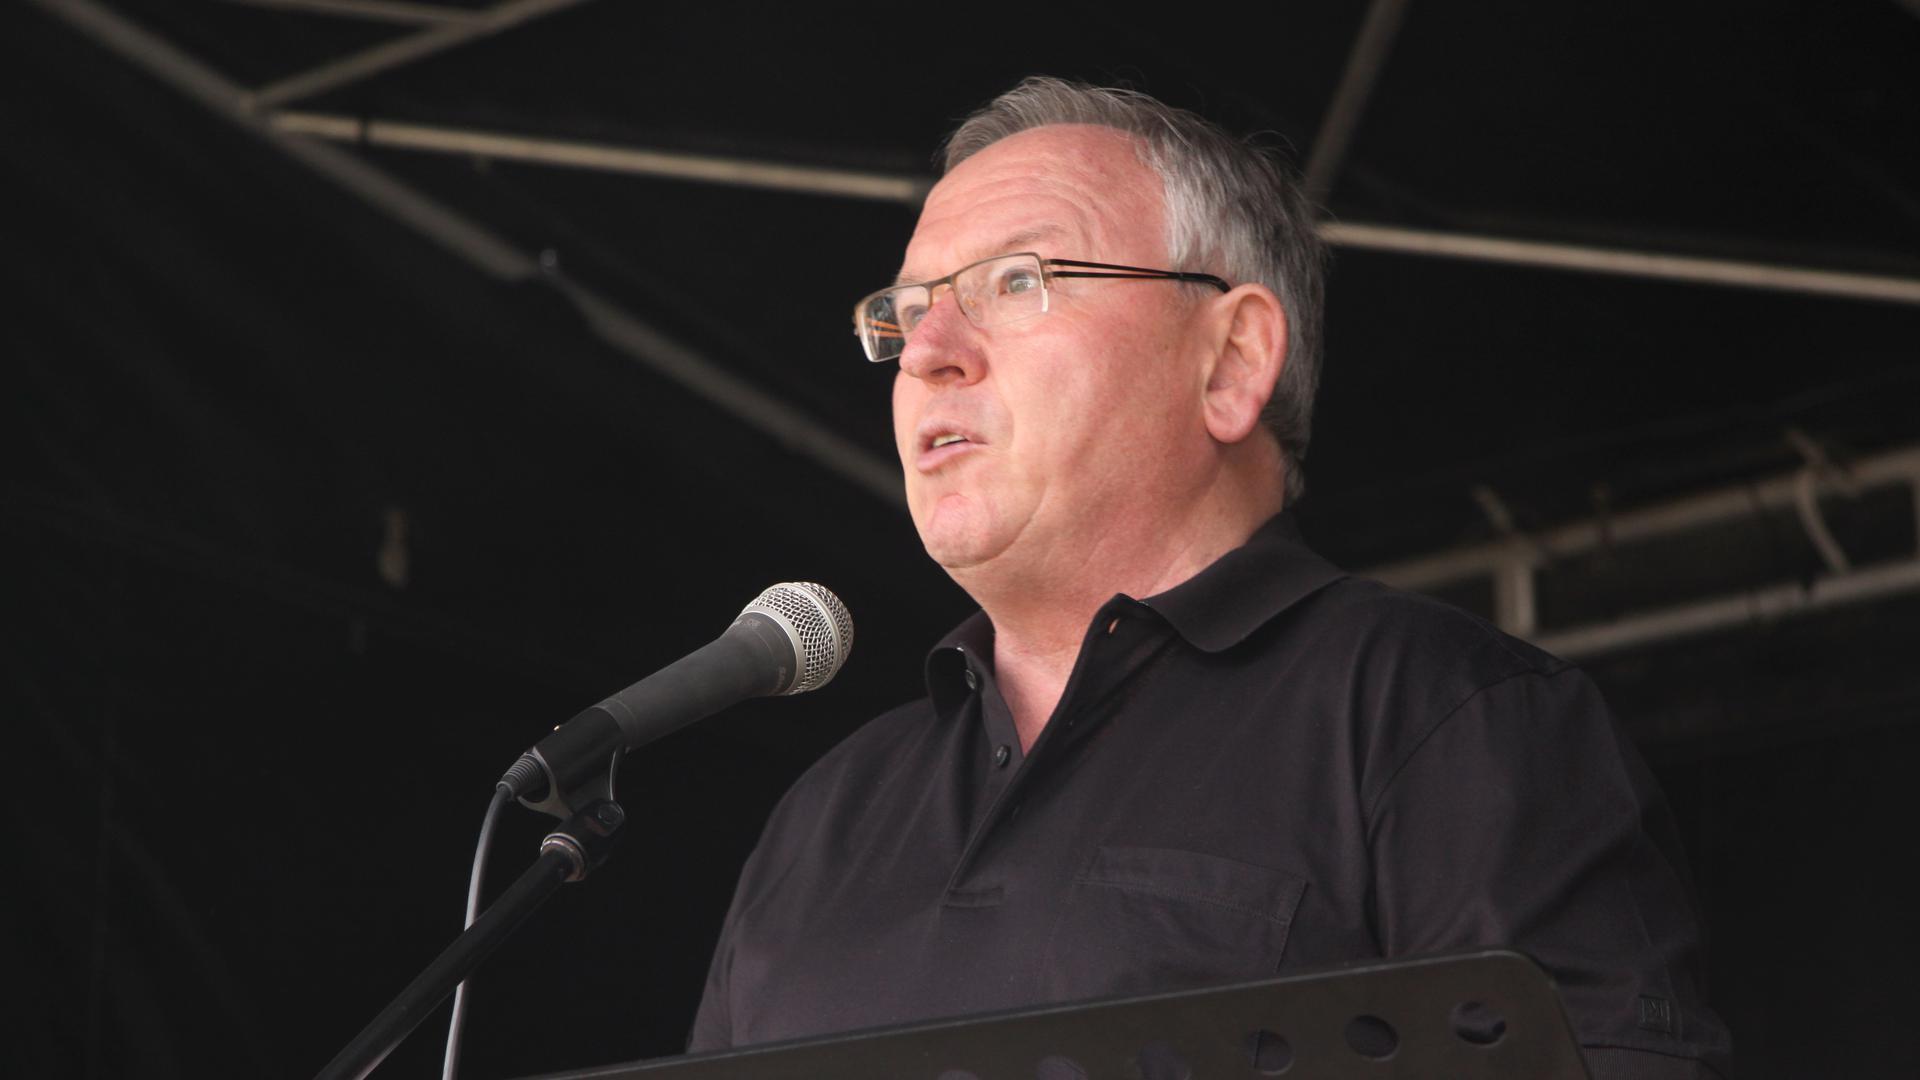 Mann (Kurt Gorenflo) am Mikrofon